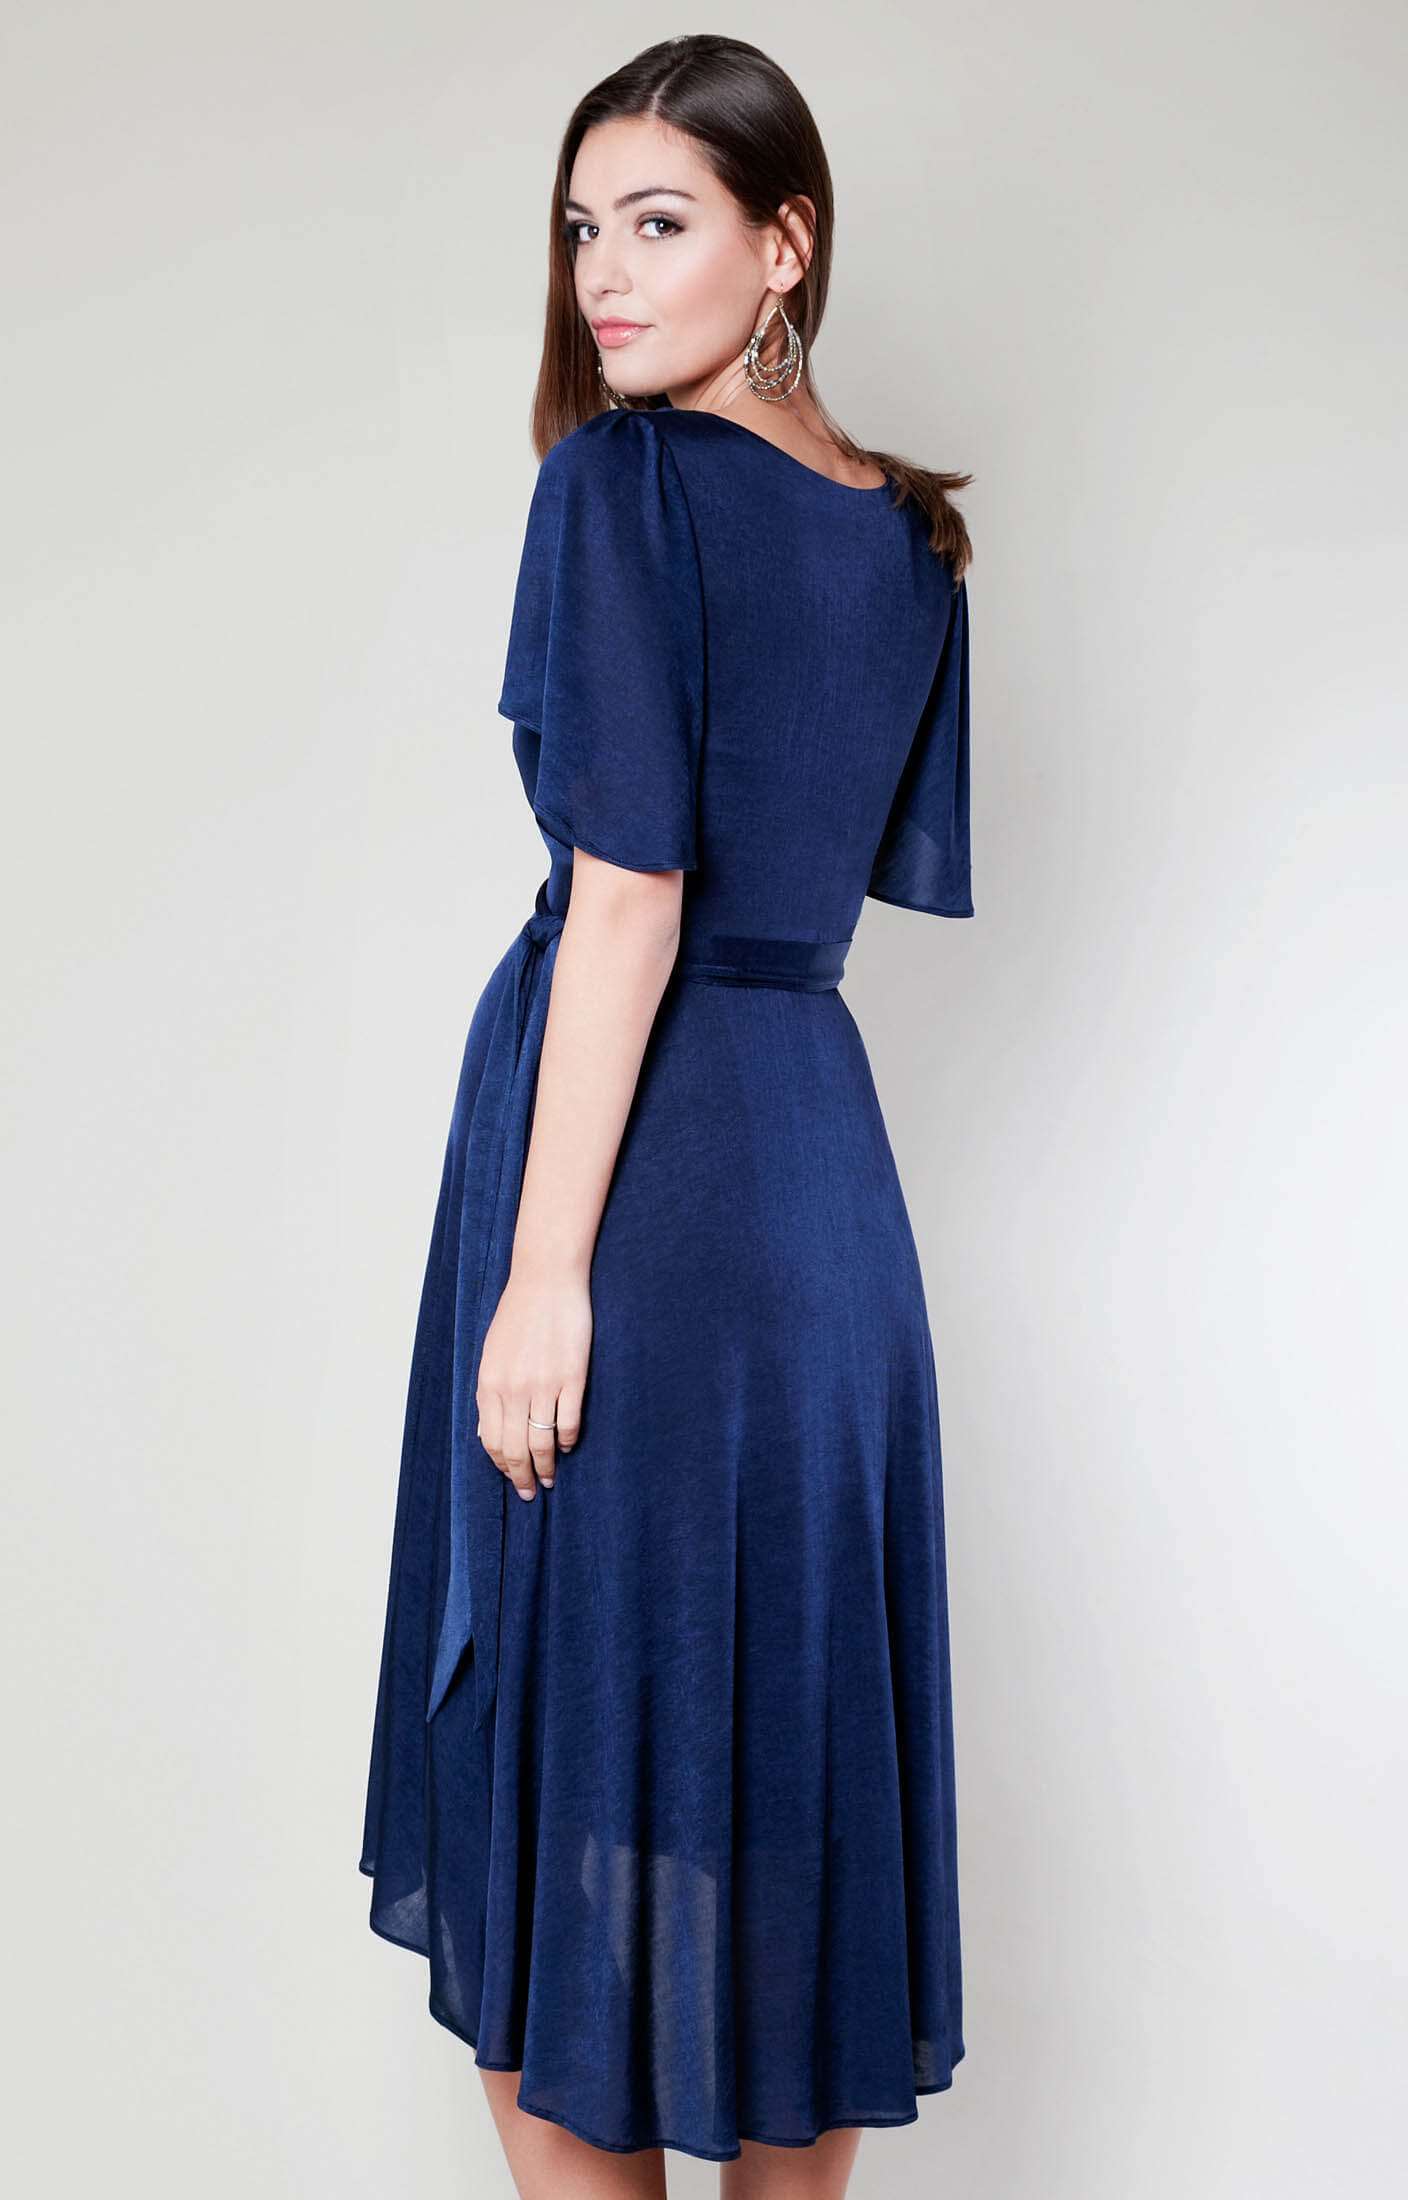 Cocoon Nursing Dress Velvet Blue Maternity Wedding